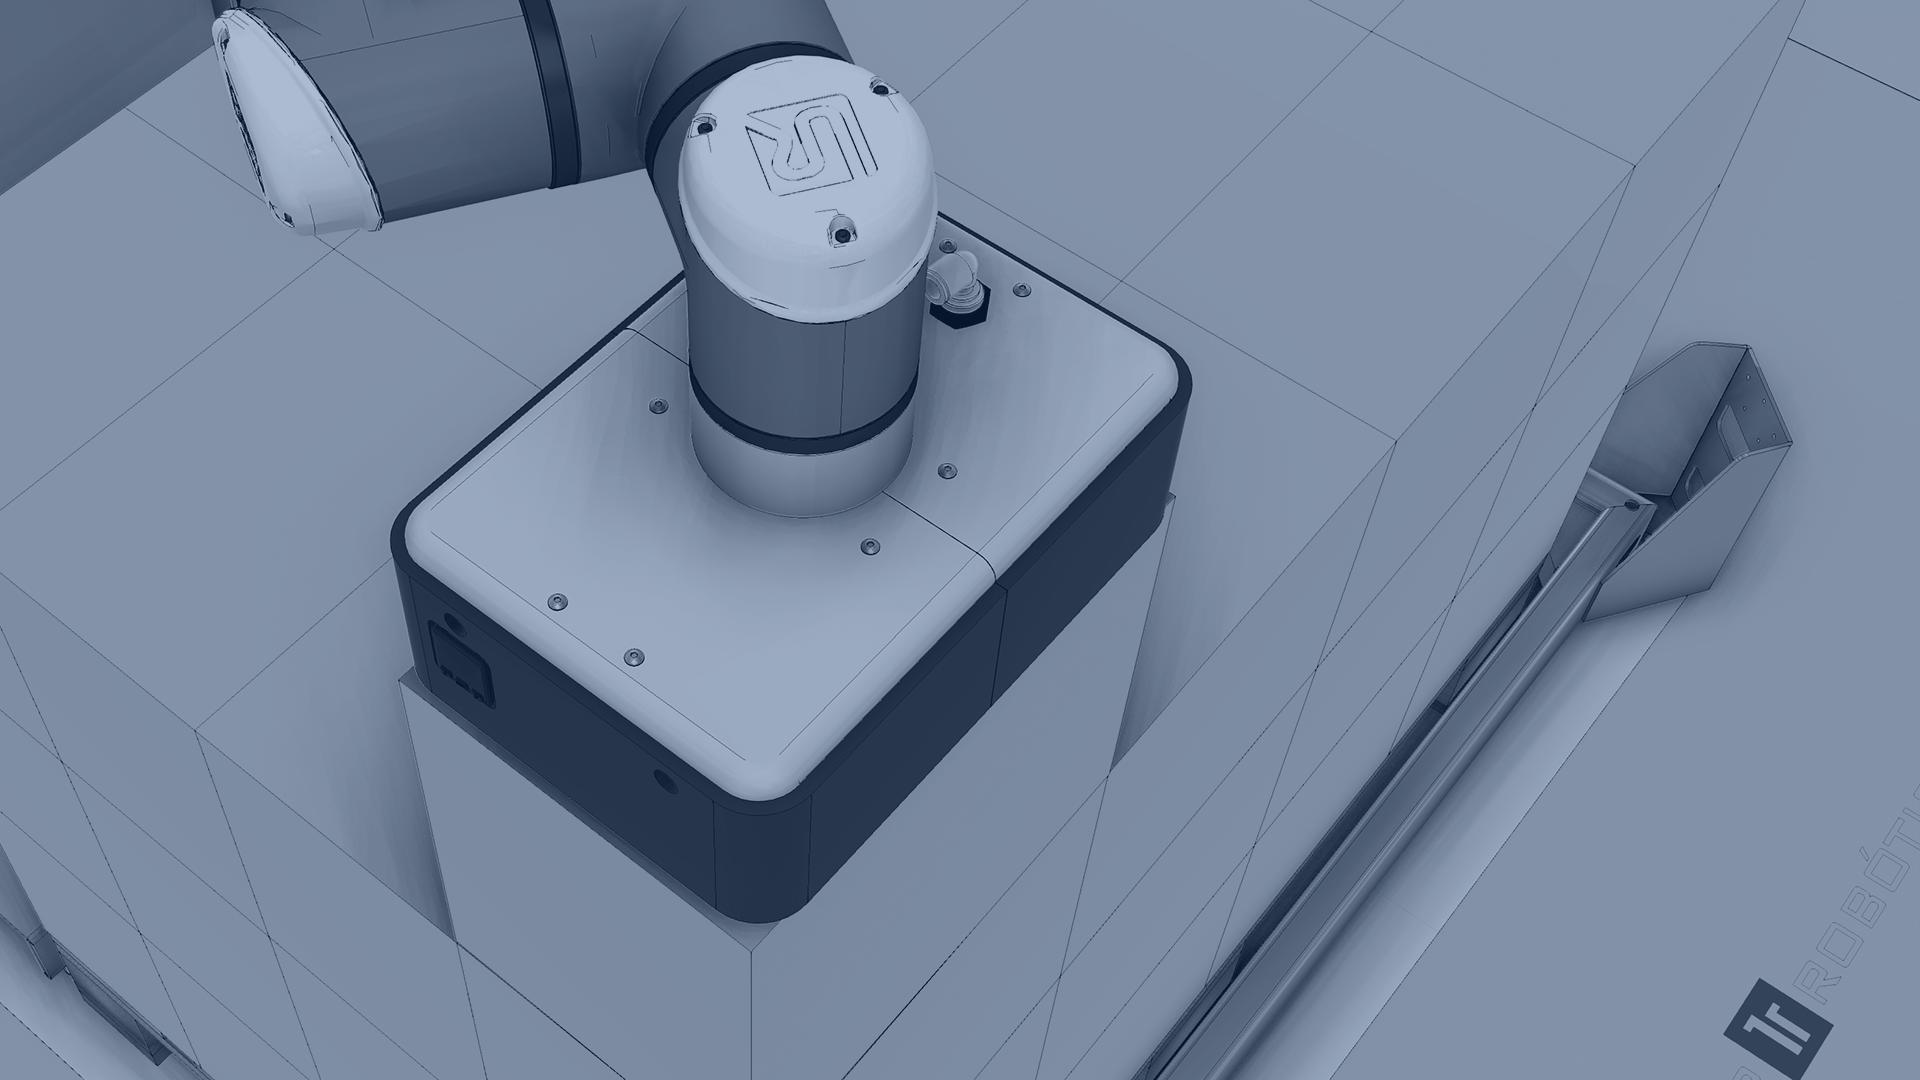 Garra-Copalletizer-UR2